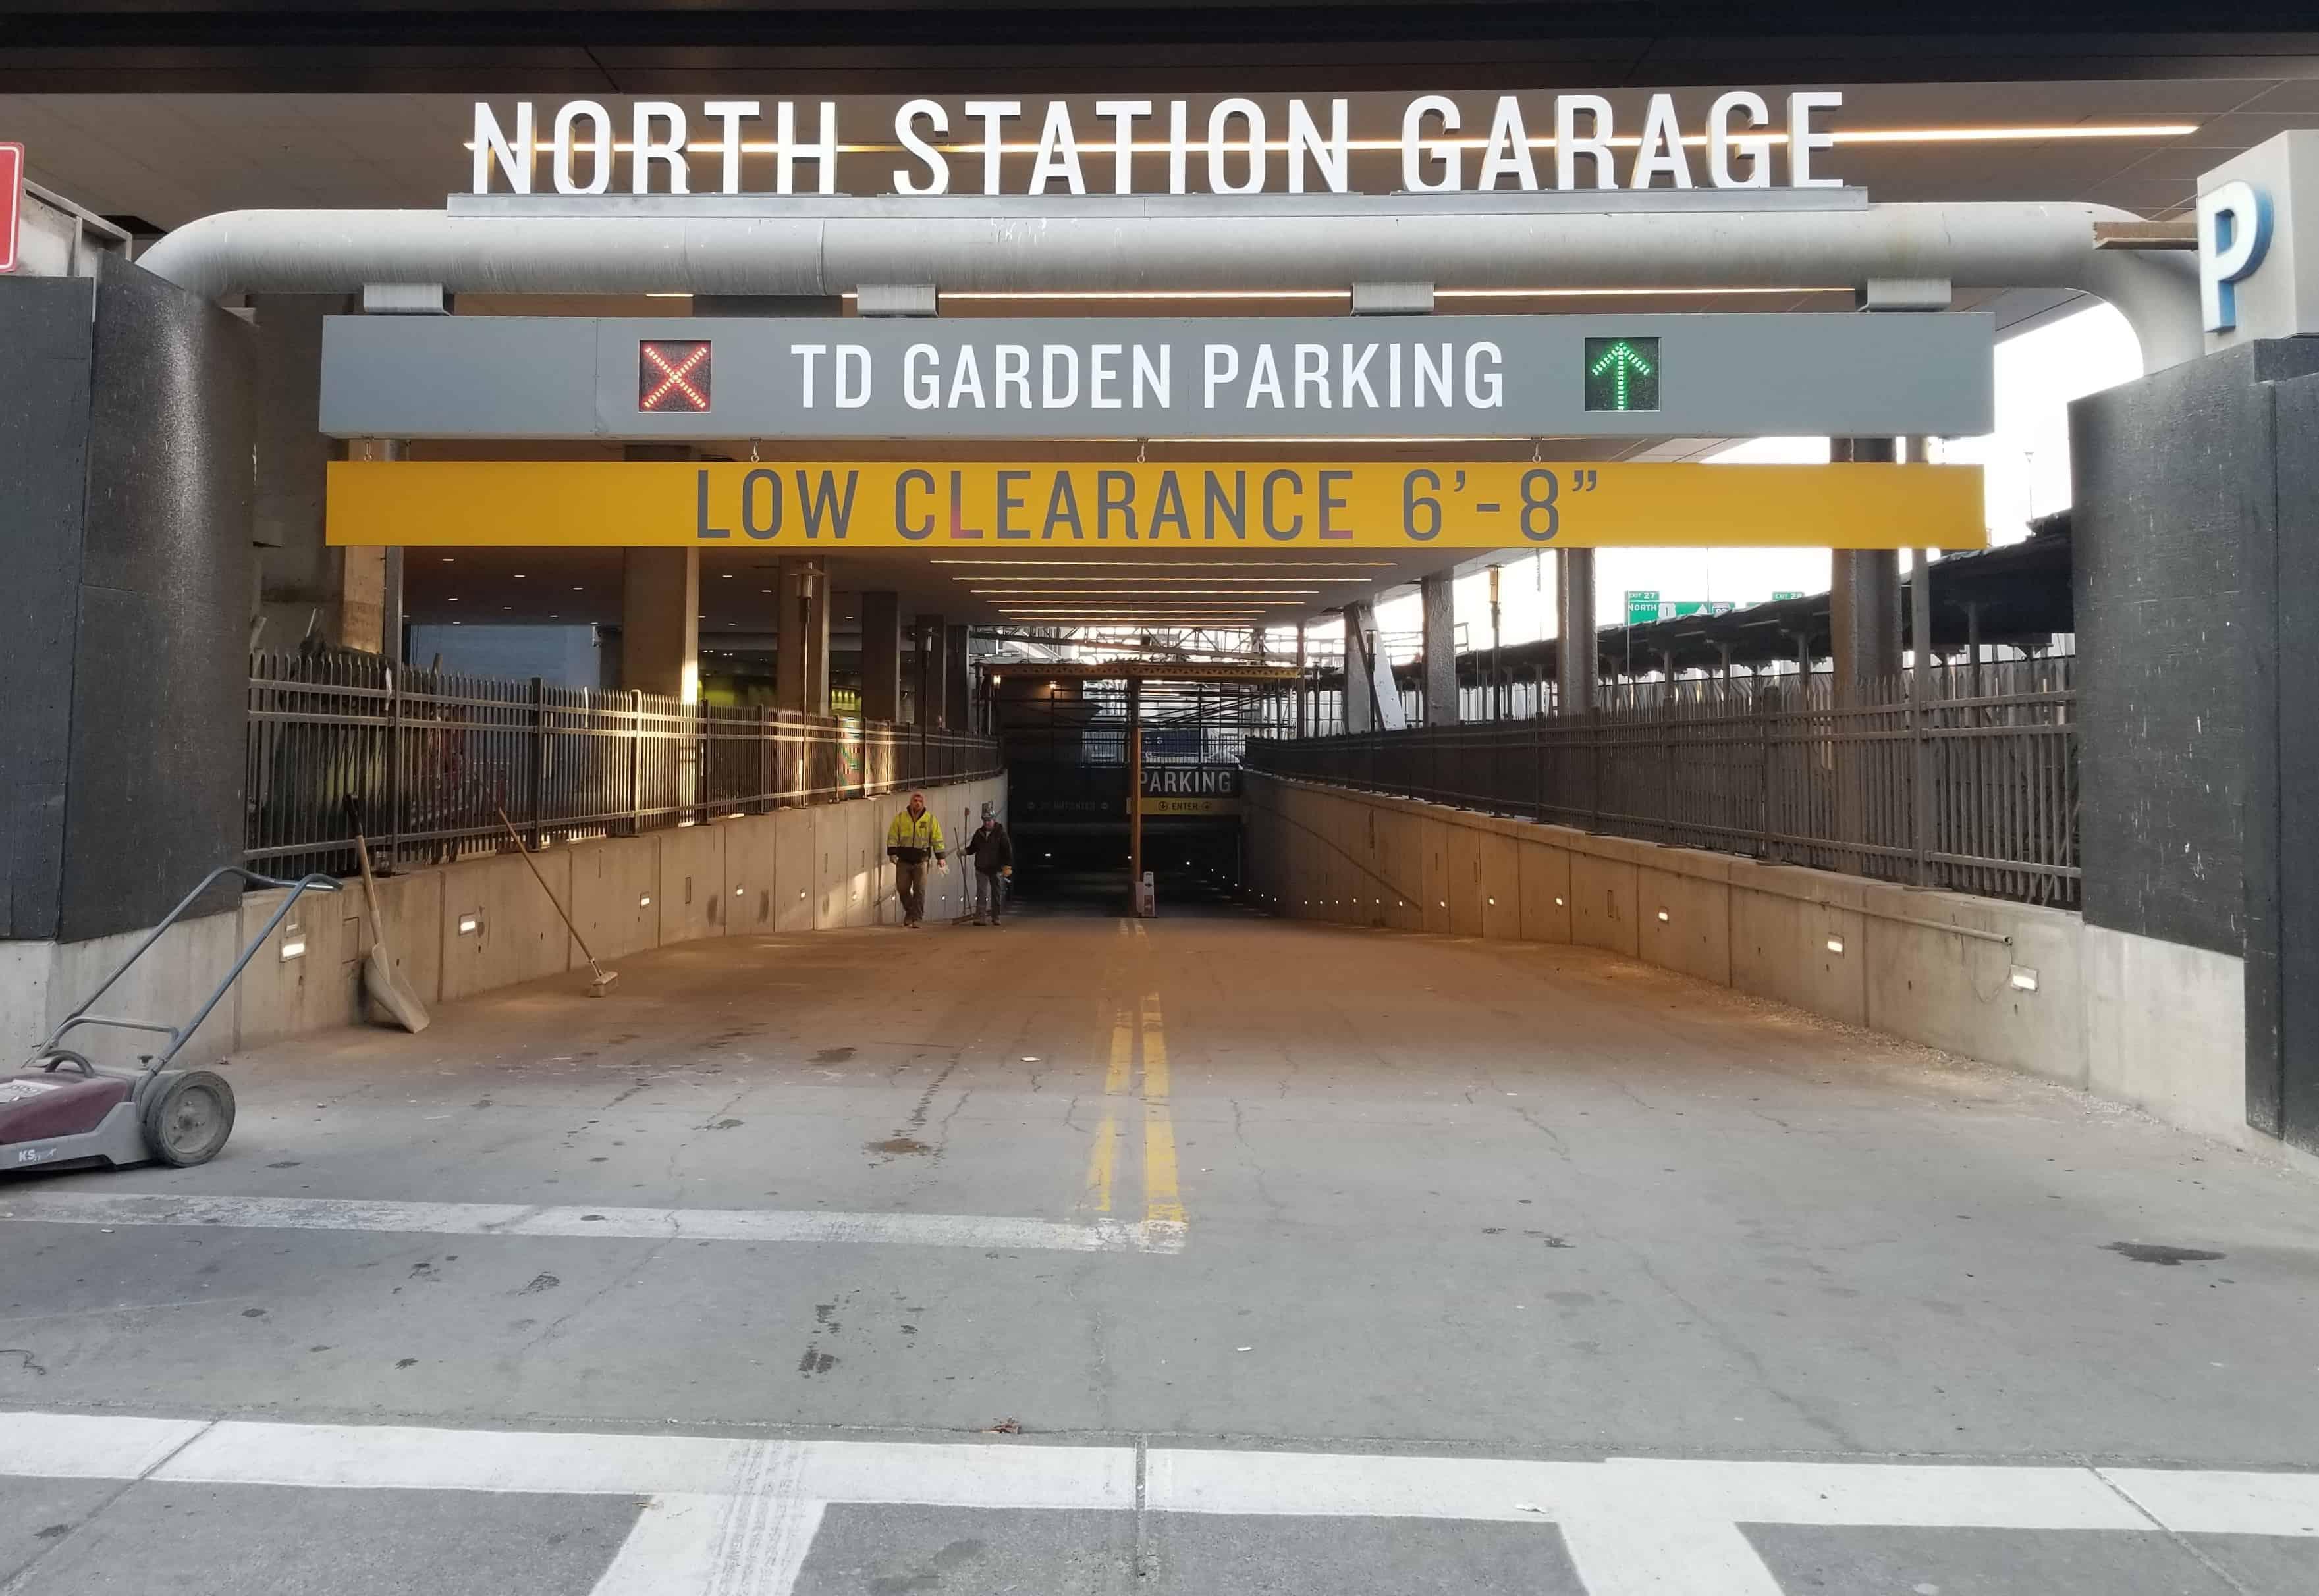 North Station Garage